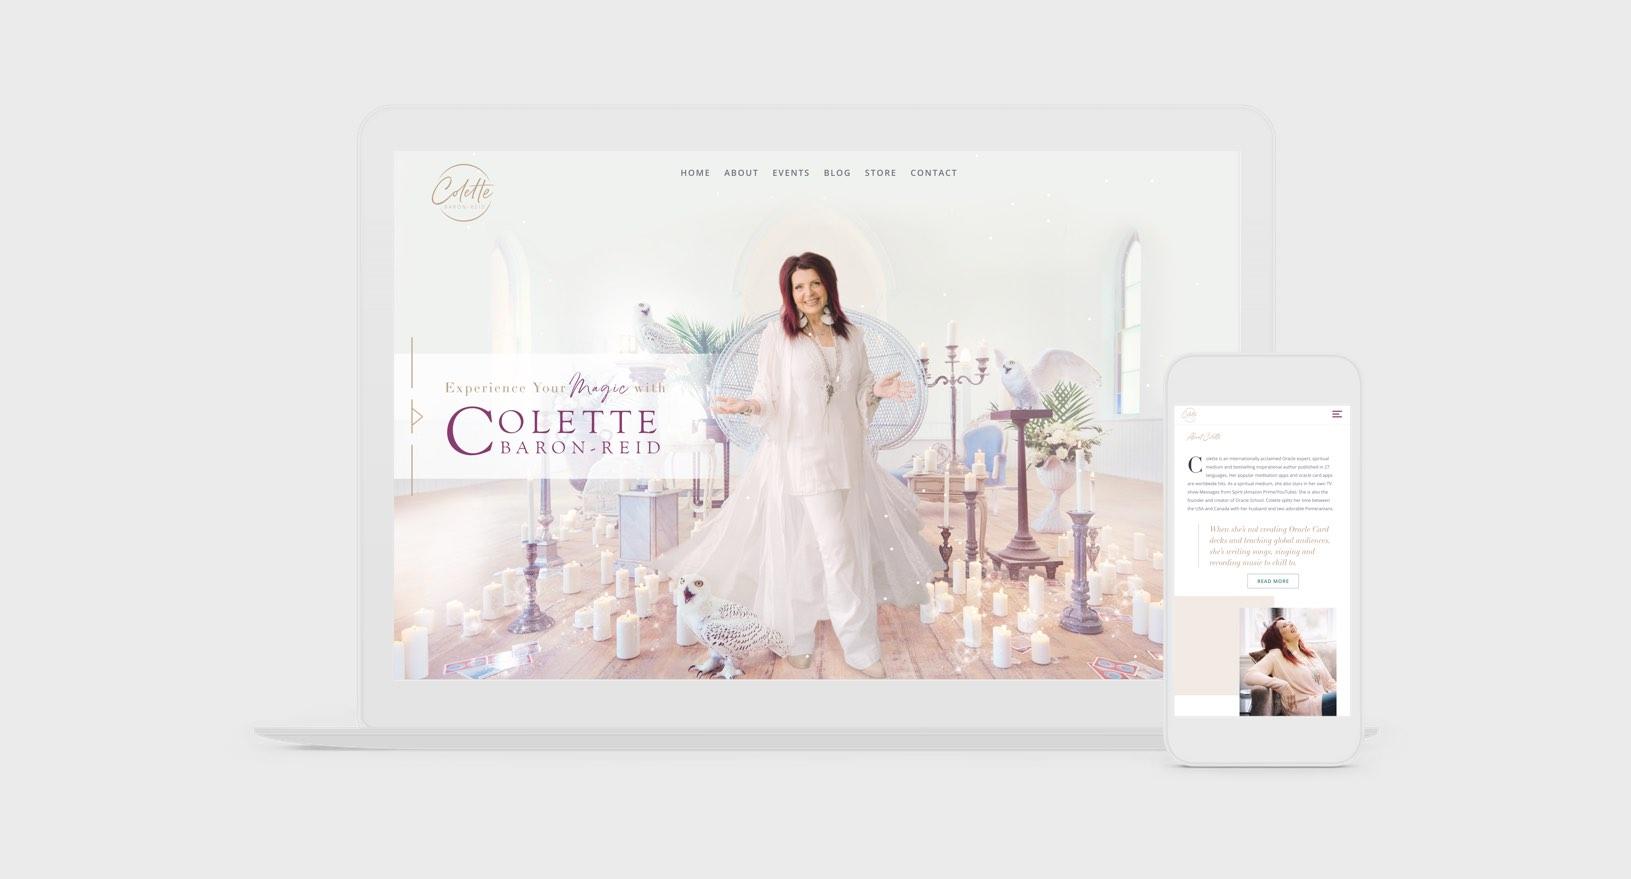 colette-01.jpg